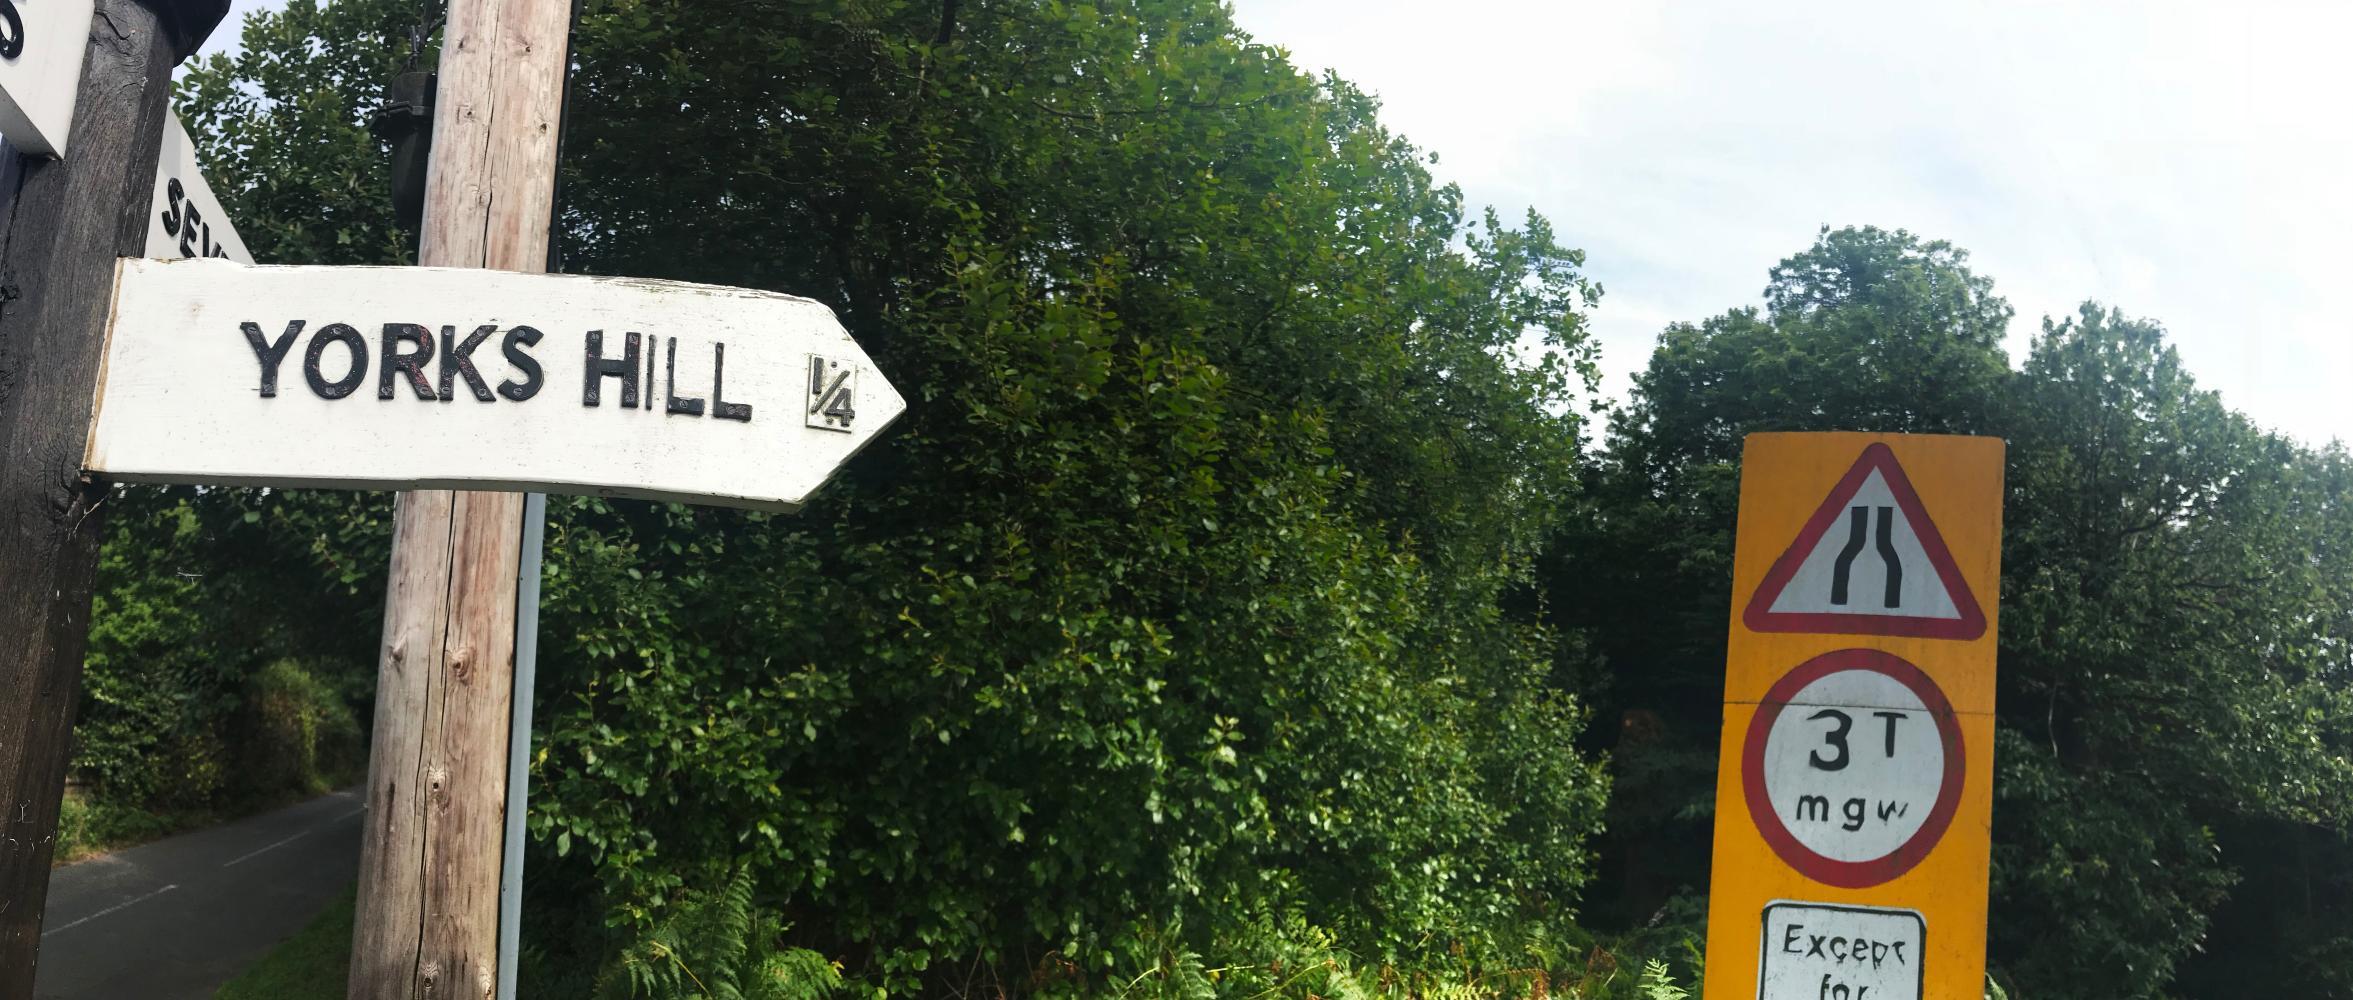 York's Hill (SW #15) Bike Climb - PJAMM Cycling